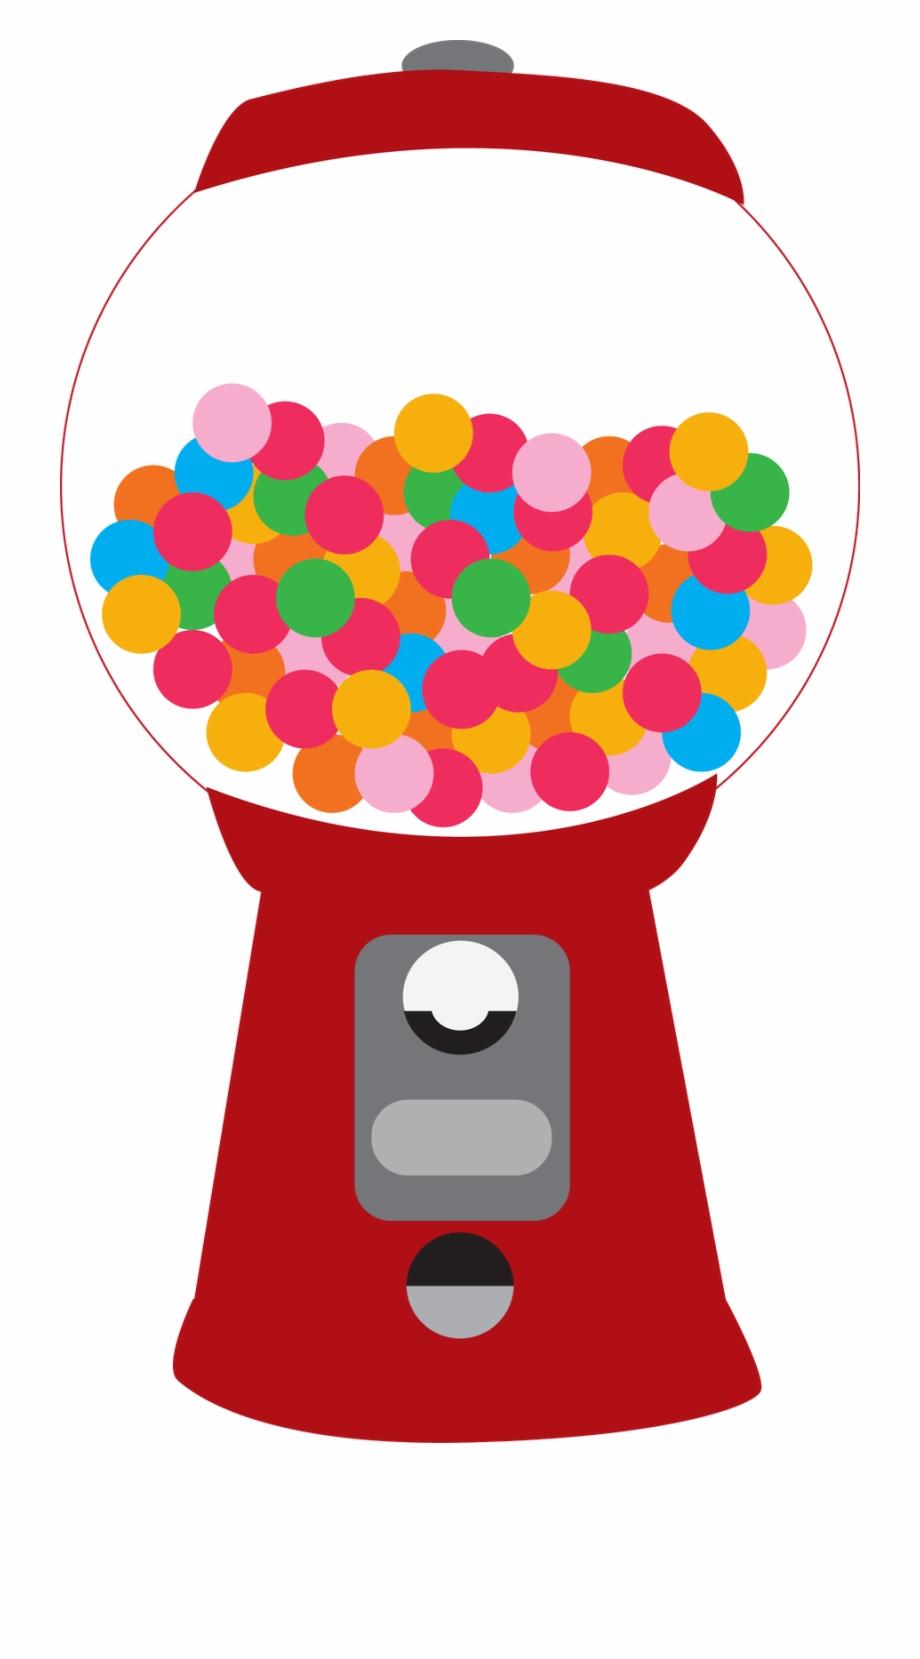 Clipart bubble gum machine jpg transparent download Gumball Machine Clipart Printable - Bubble Gum Machine Clipart ... jpg transparent download